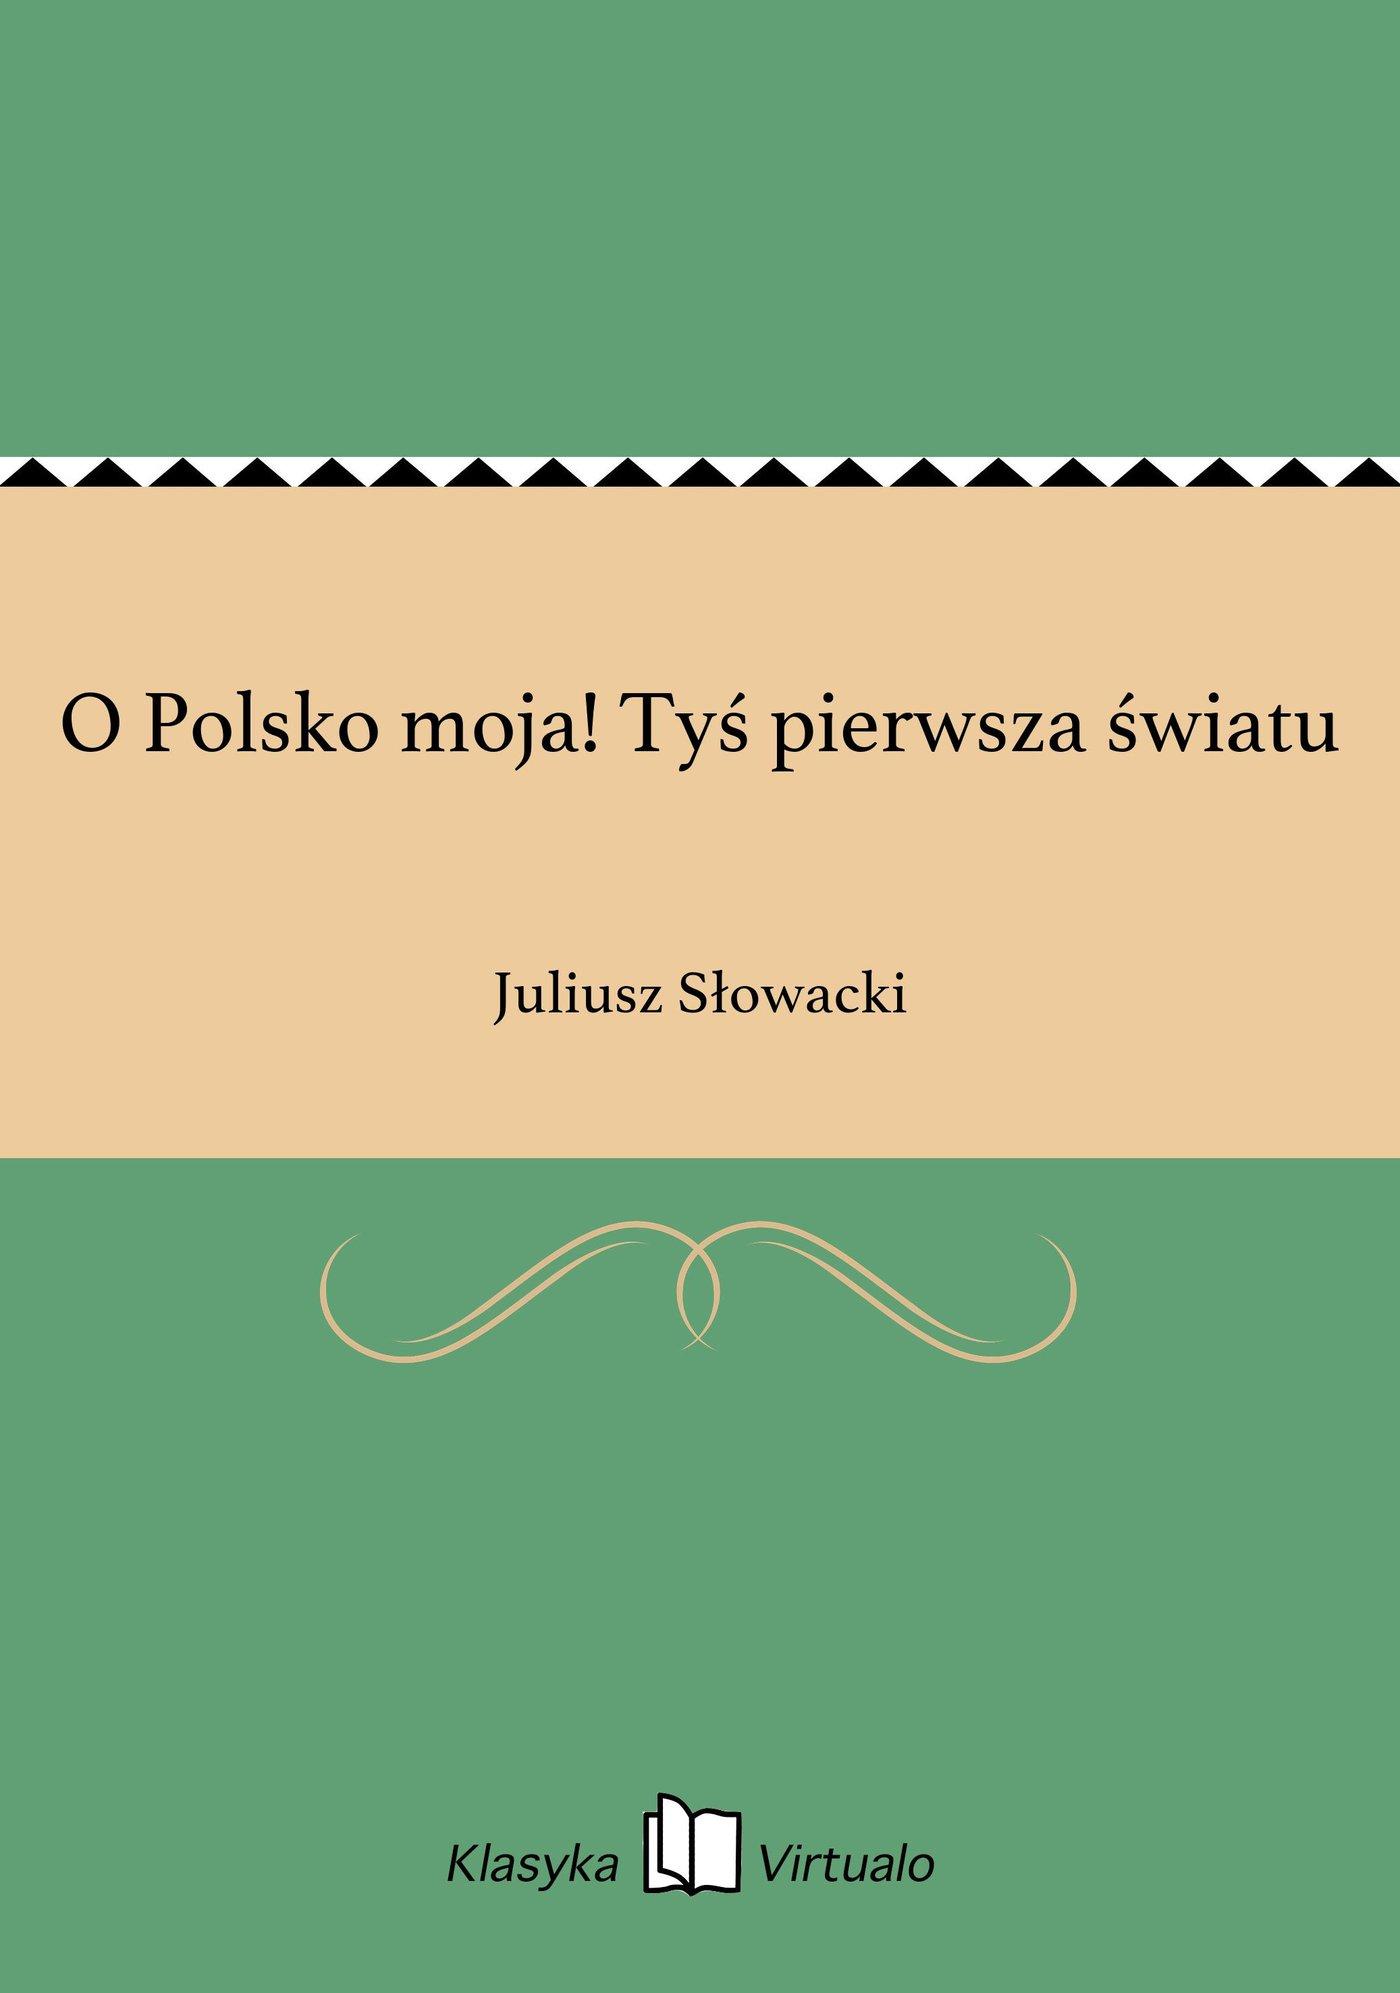 O Polsko moja! Tyś pierwsza światu - Ebook (Książka EPUB) do pobrania w formacie EPUB